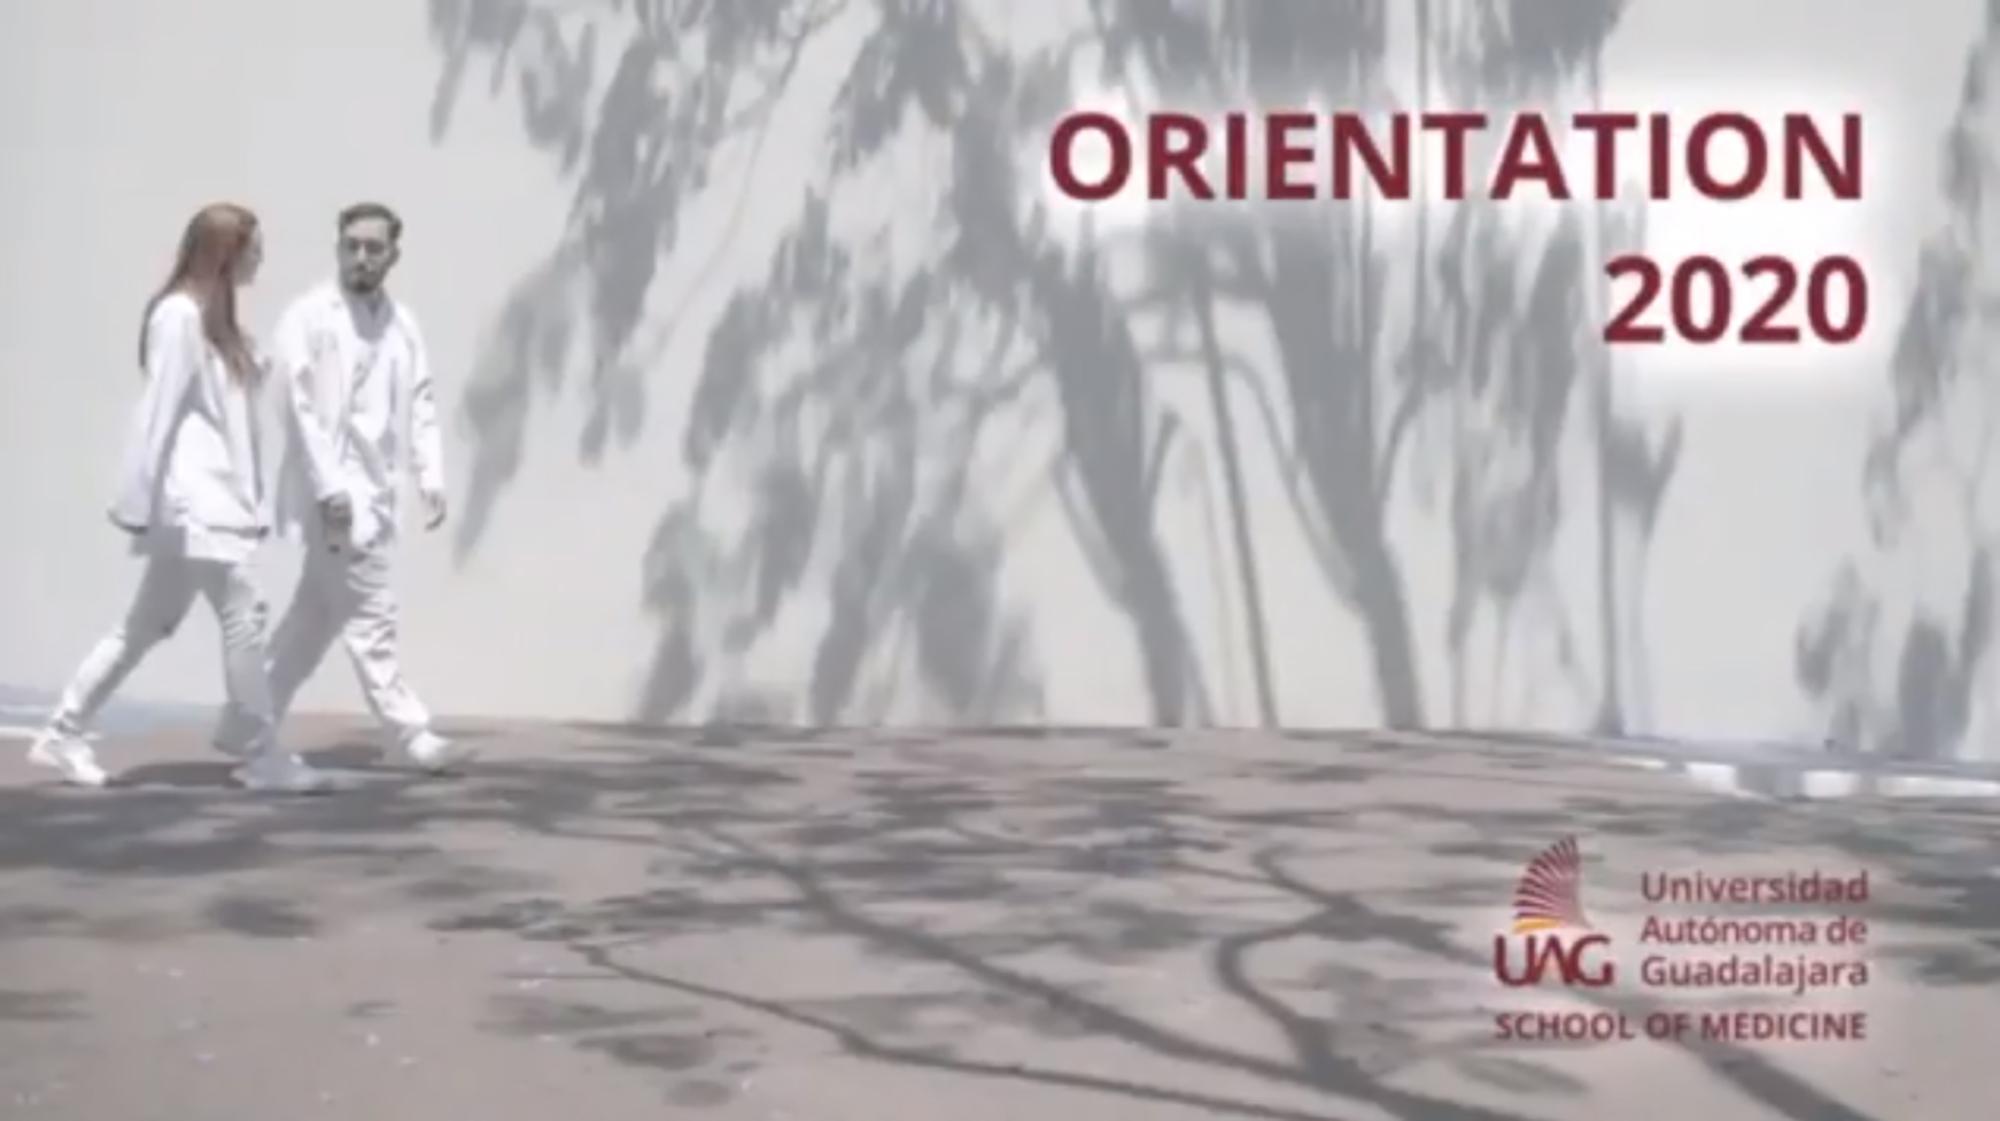 Orientation 2020 070820